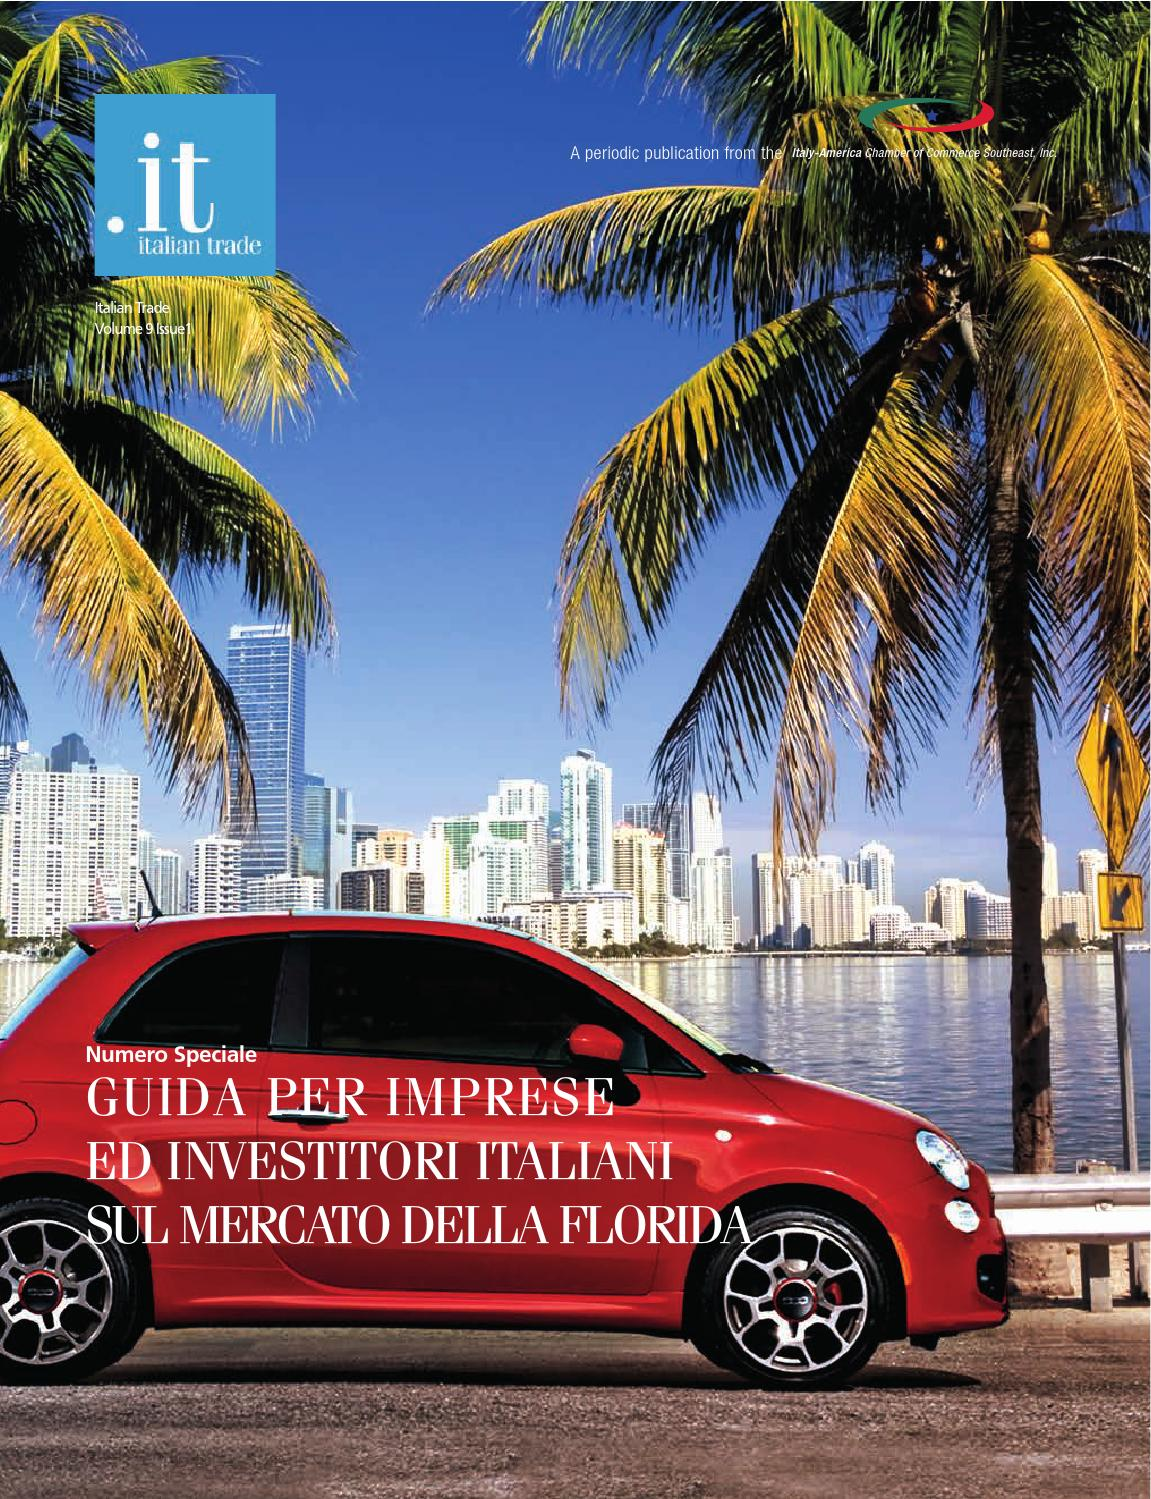 Guida agli investimenti in florida italy america chamber - Valutazione immobili commerciali ...